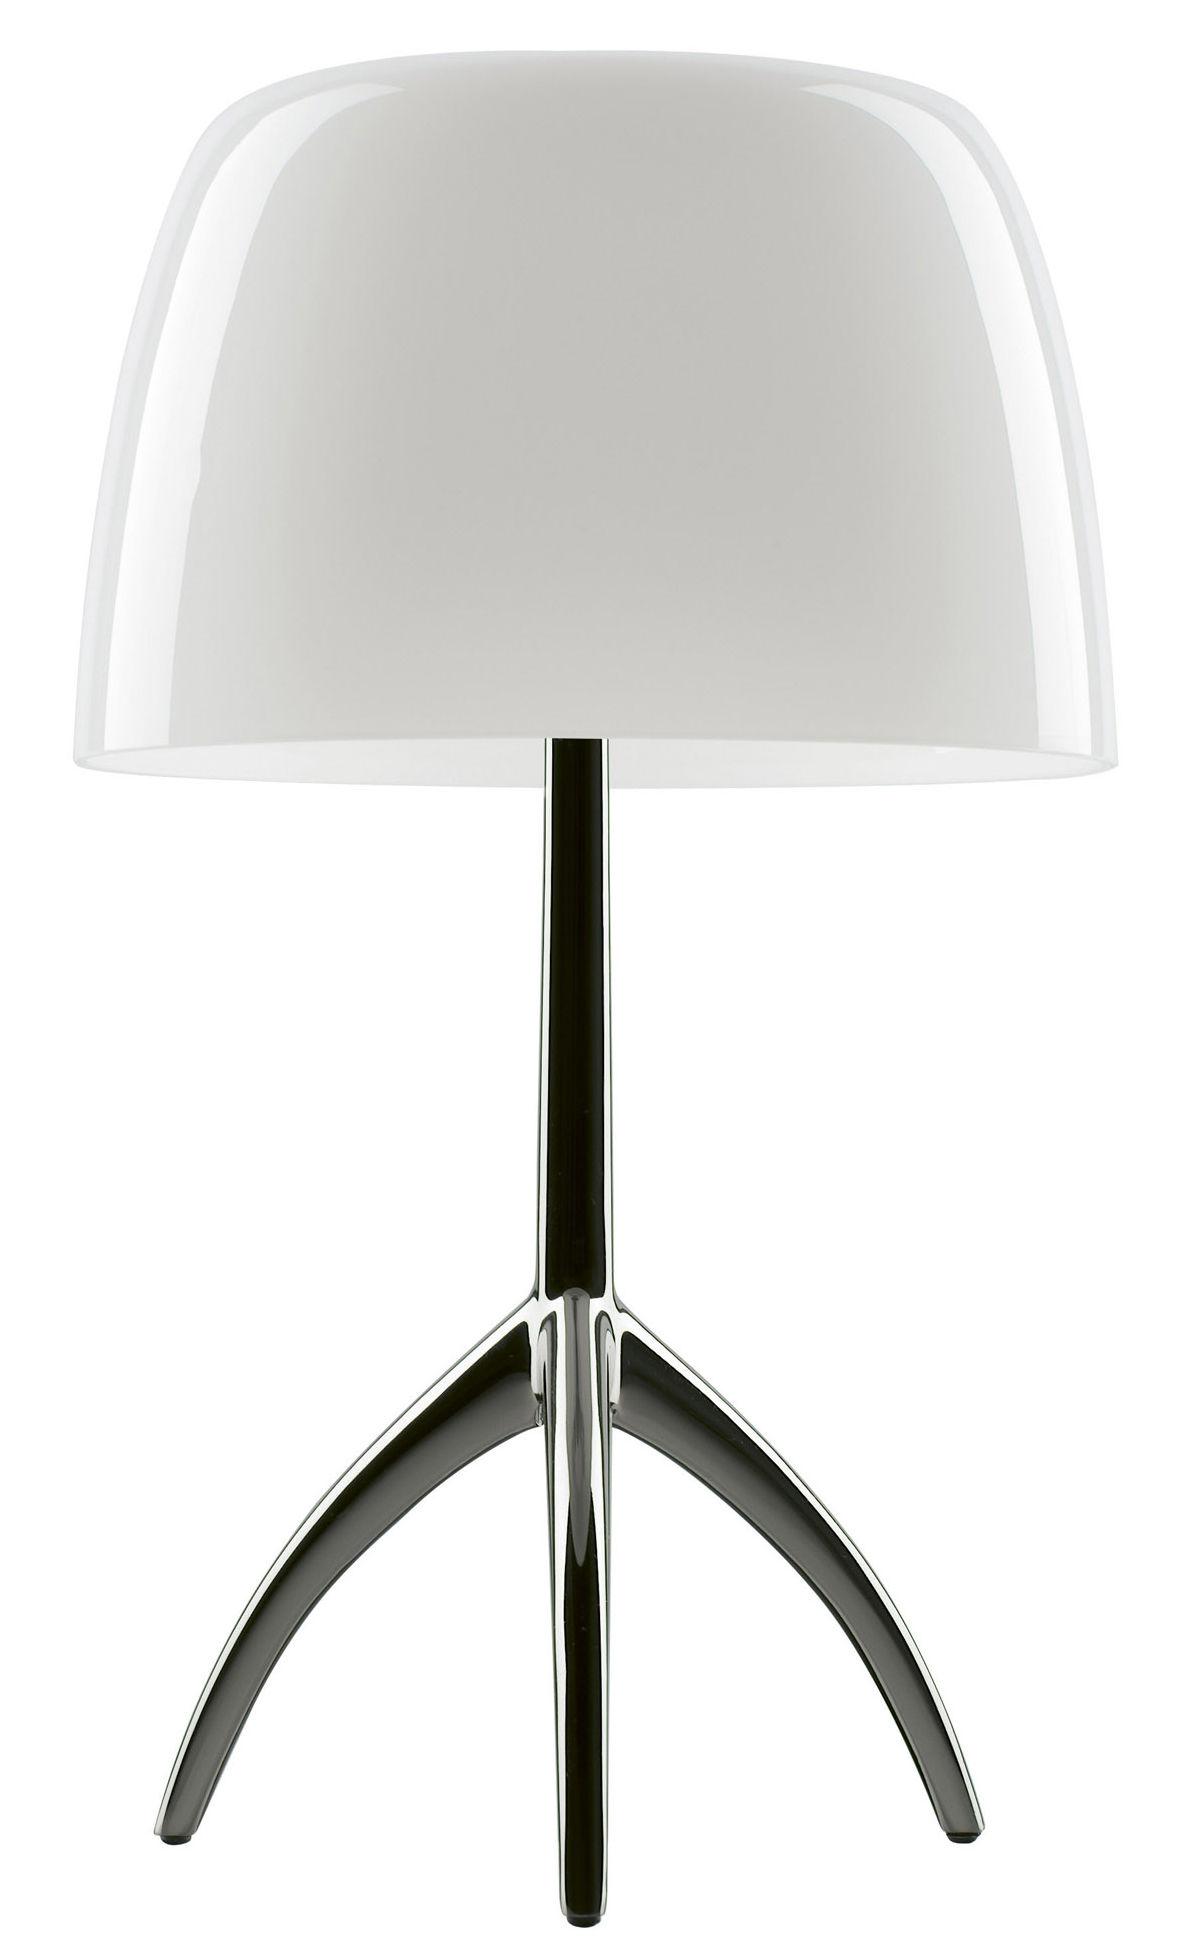 Luminaire - Lampes de table - Lampe de table Lumière Grande / Variateur - H 45 cm - Foscarini - Blanc chaud / Pied noir chromé - Aluminium verni, Verre soufflé